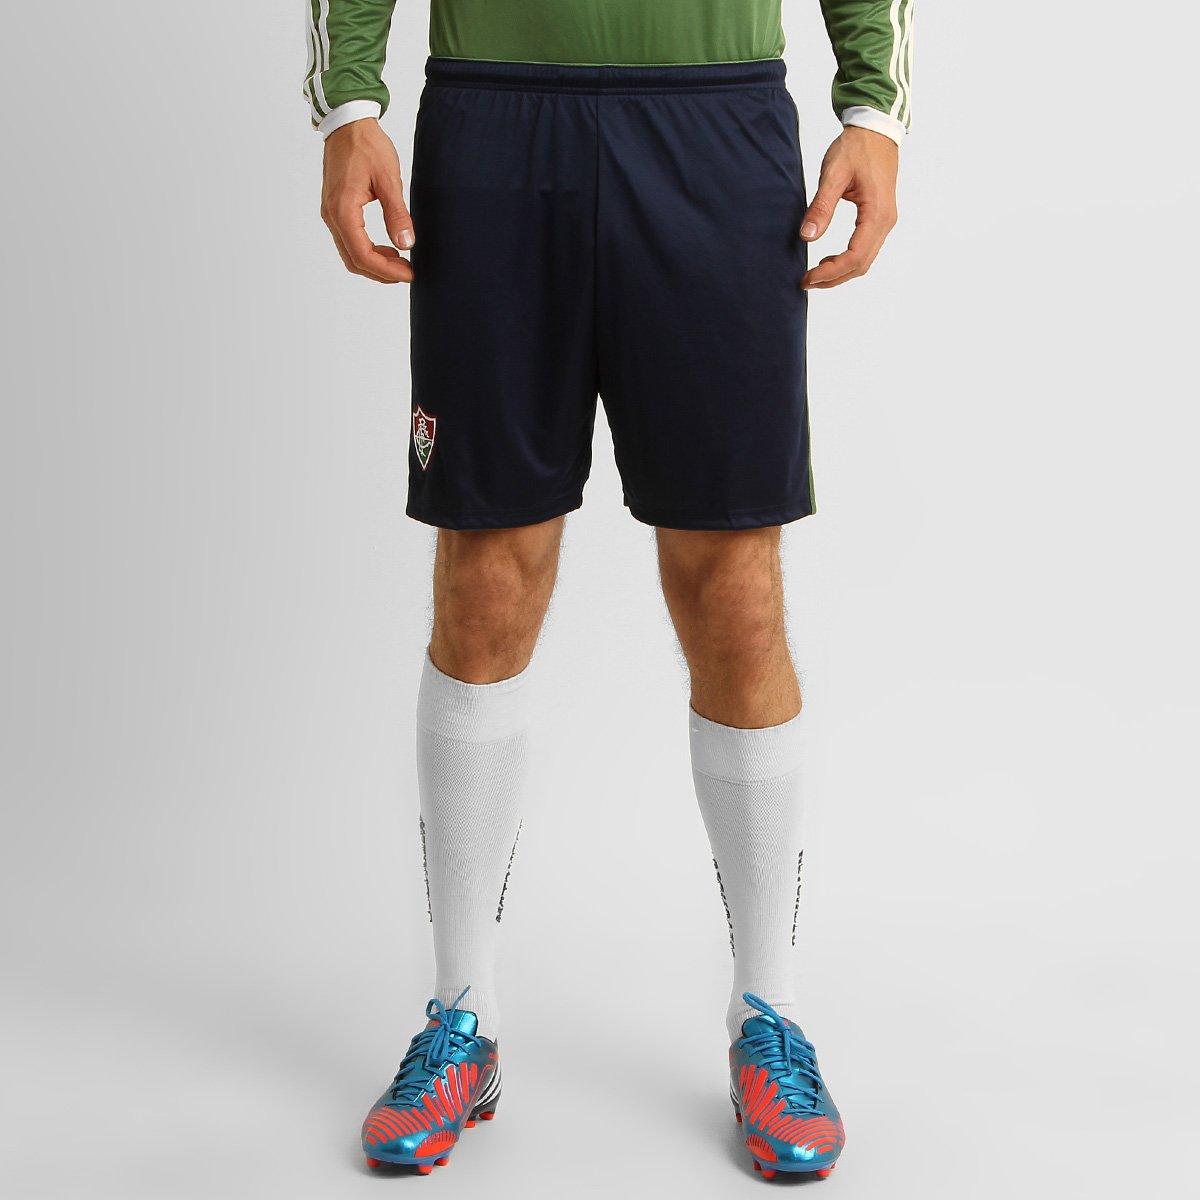 Calção Adidas Fluminense 2015 - Compre Agora  abb2b08e53514